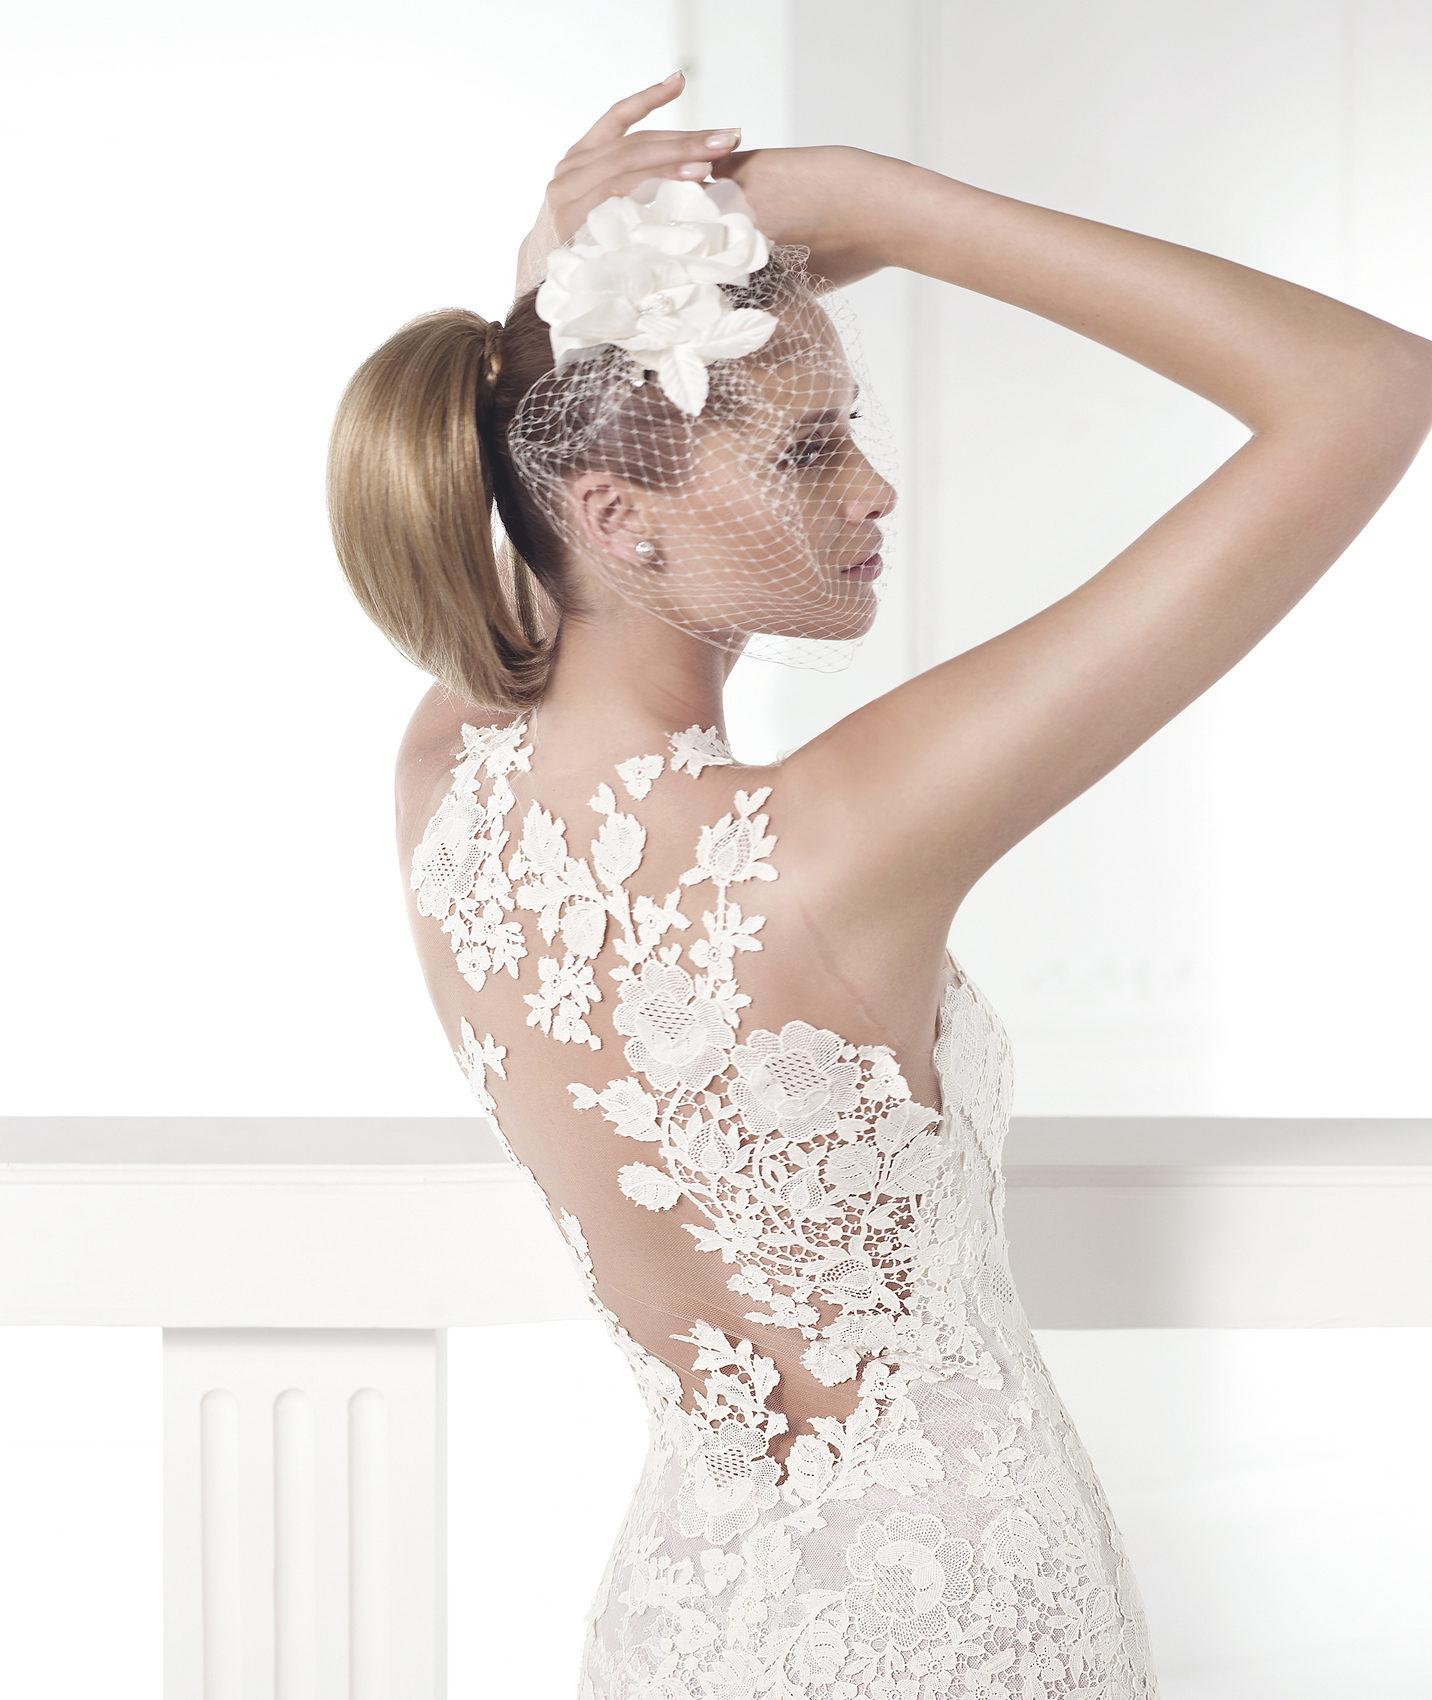 e7849bf32ae8a Collection robe de mariée   Tarbes2012mondialpelote